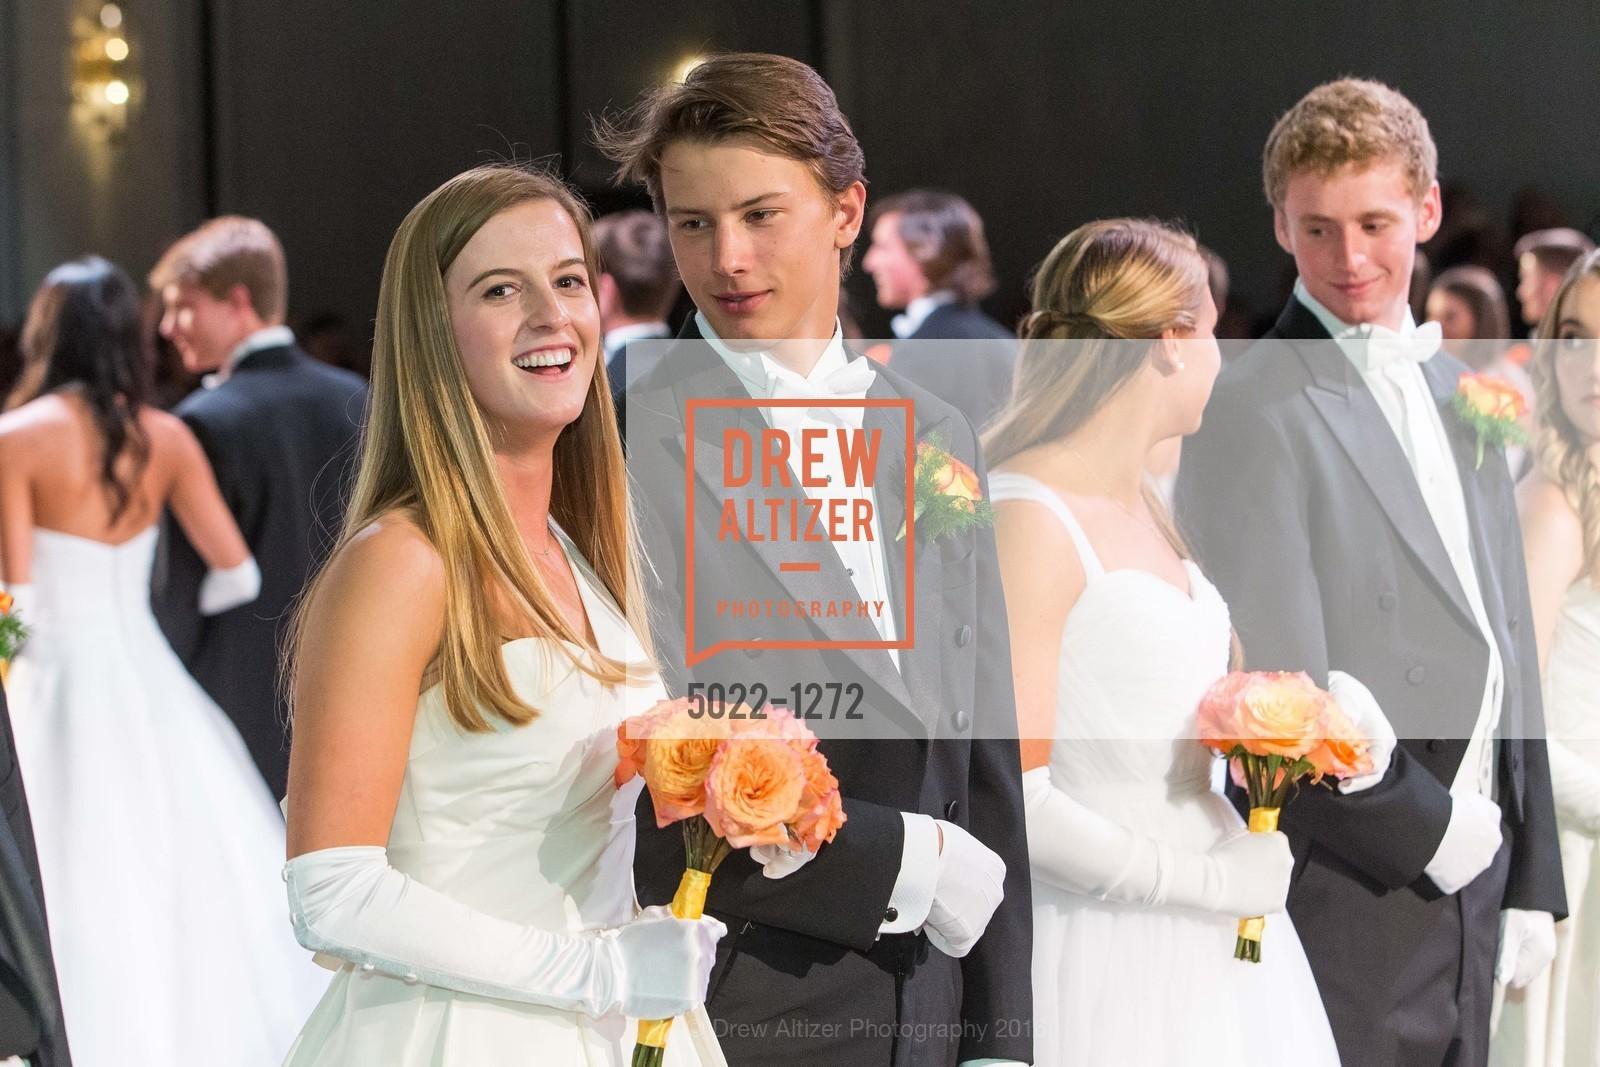 Samantha Klingelhofer, Satchel Kostelnik, Photo #5022-1272